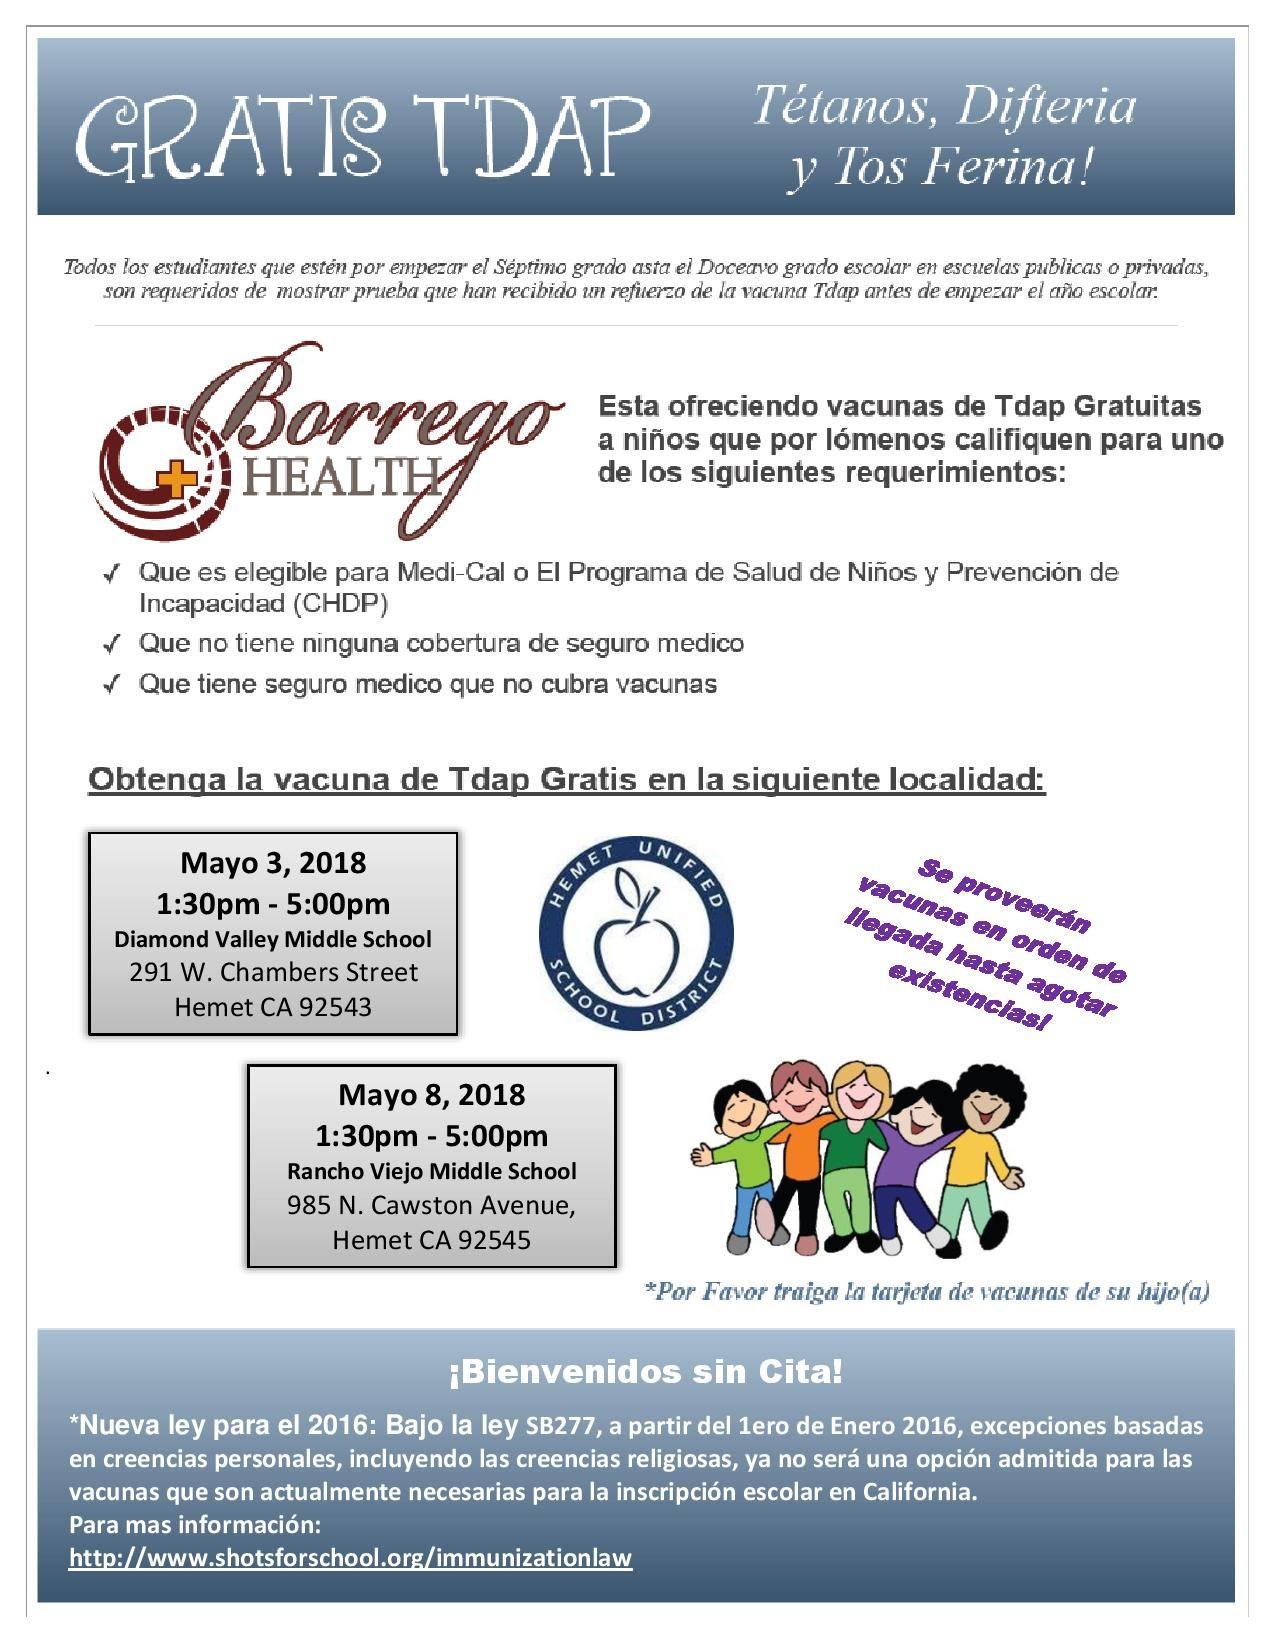 Borrego Health esta ofreciendo vacunas de Tdap Gratuitas a niños que por lómenos califiquen para uno de los siguientes requerimientos: Oue ese legible para Medi-Cal o El Programa de Salud de Niños y Prevención de Incapacidad (CHDP) Que no tiene ninguna cobertuna de seguro medico Que tiene seguro medico que no cubra vacunas Mayo 3, 2018  1:30pm - 5:00pm  Diamond Valley Middle School Mayo 8, 2018  1:30pm - 5:00pm  Rancho Viejo Middle School